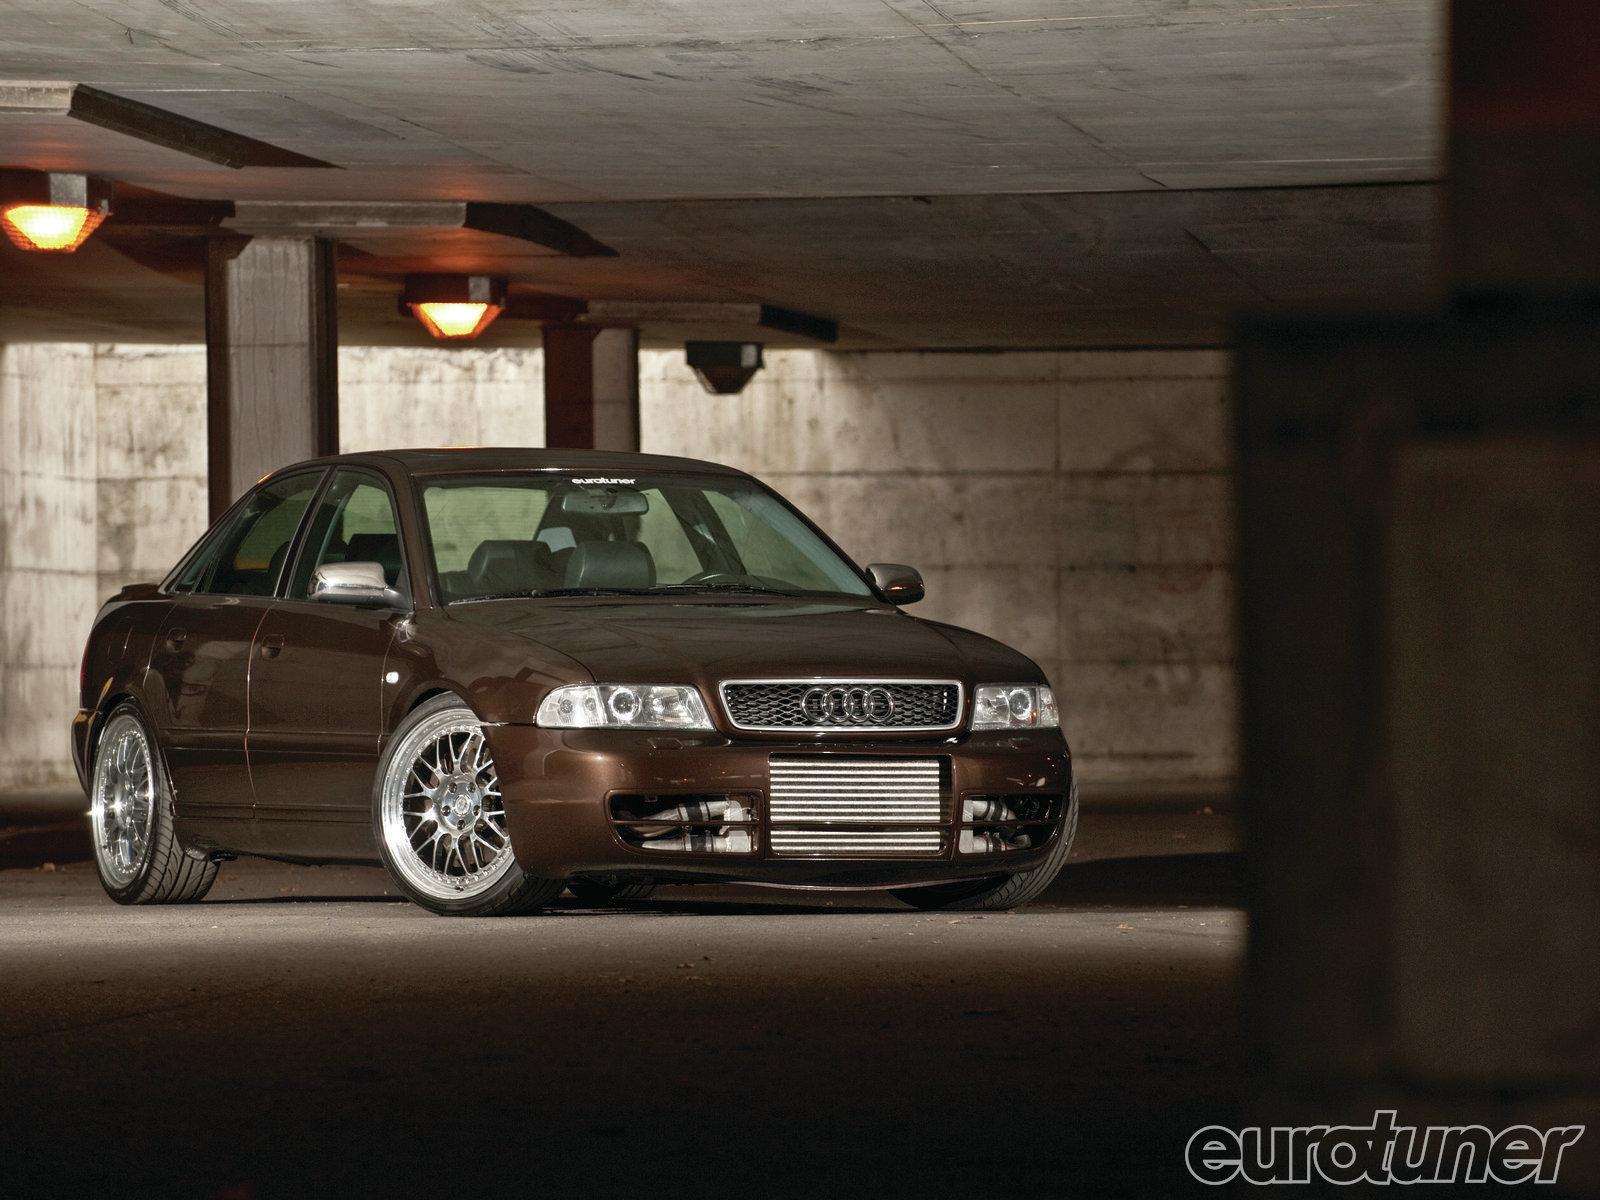 AUDI A4 brown